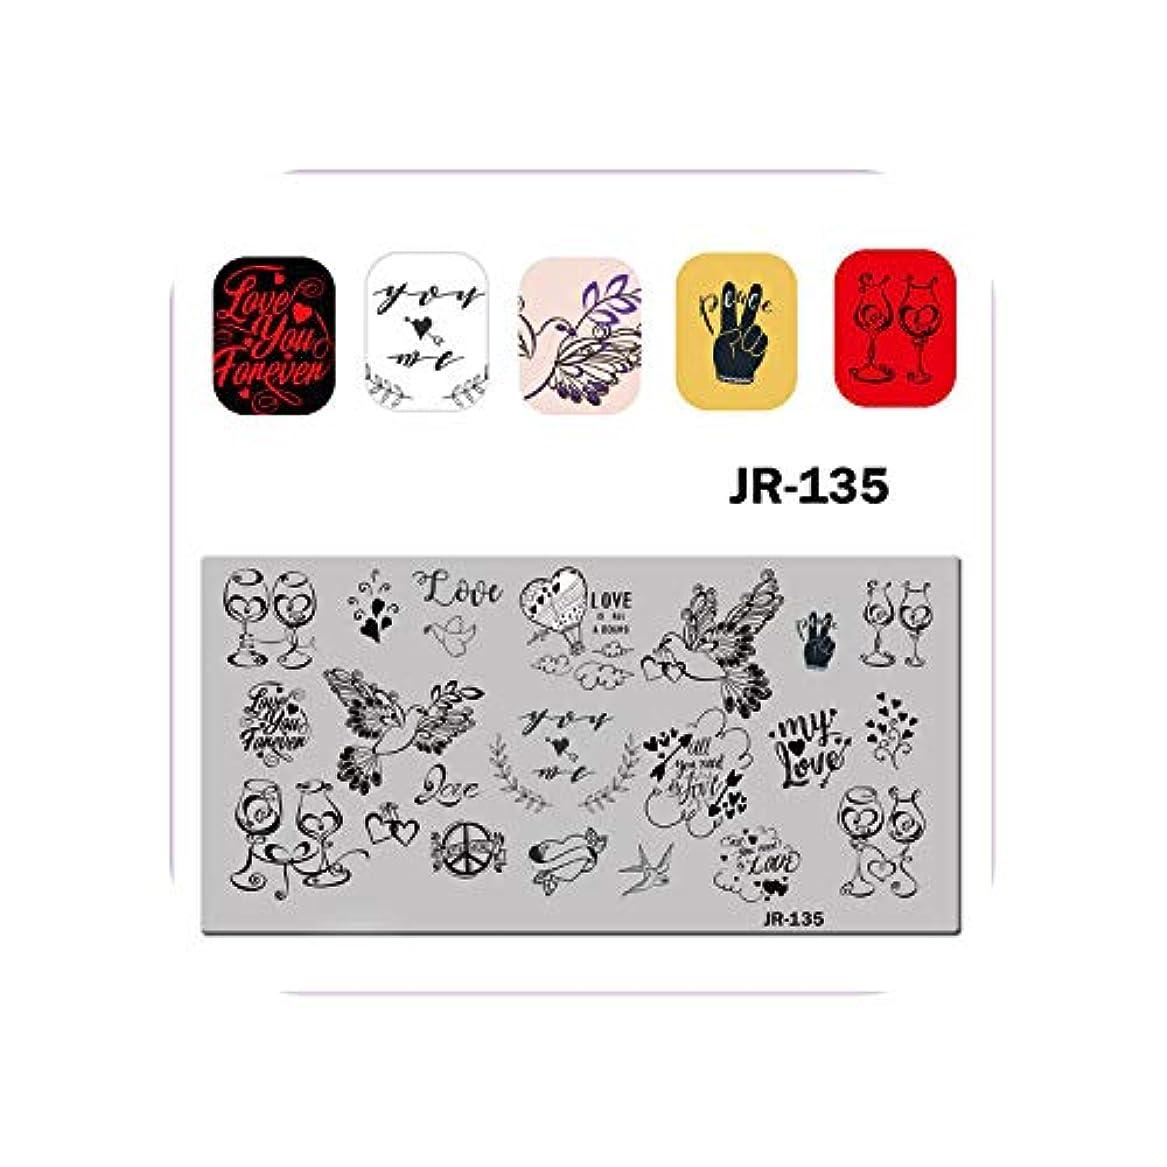 レンジ偽善混雑2019ステンレス鋼スタンピングプレートテンプレート鳥フクロウピジョン幾何学的な花ロシア語テキストクリスマスヴィンテージネイルツールJR131 140,JR135